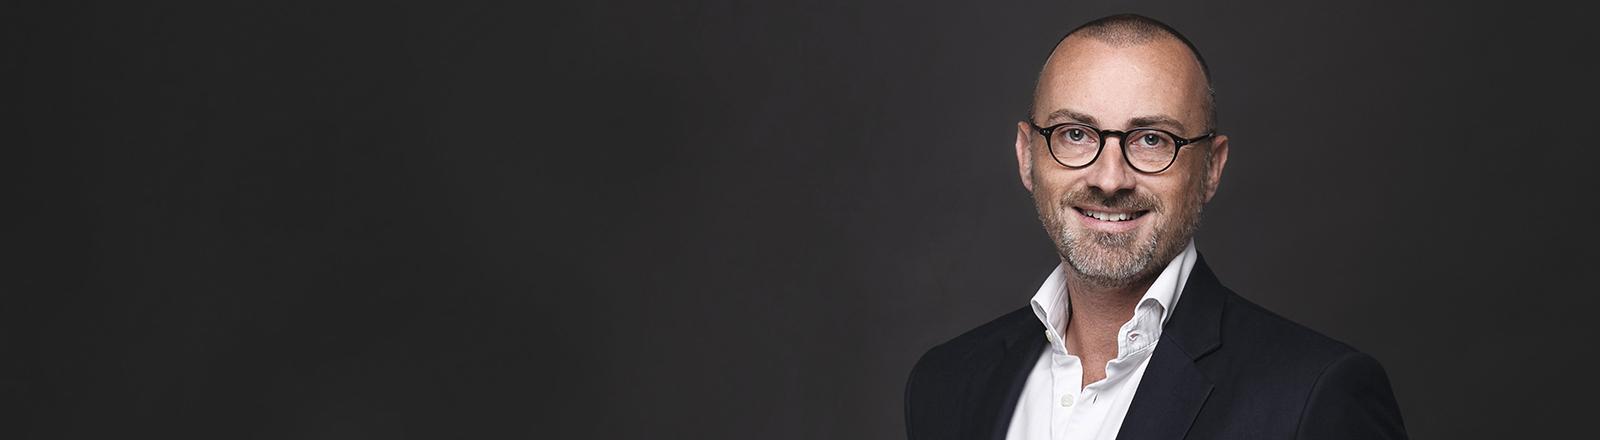 Jochen Mai, Chefredakteur von karrierebibel.de